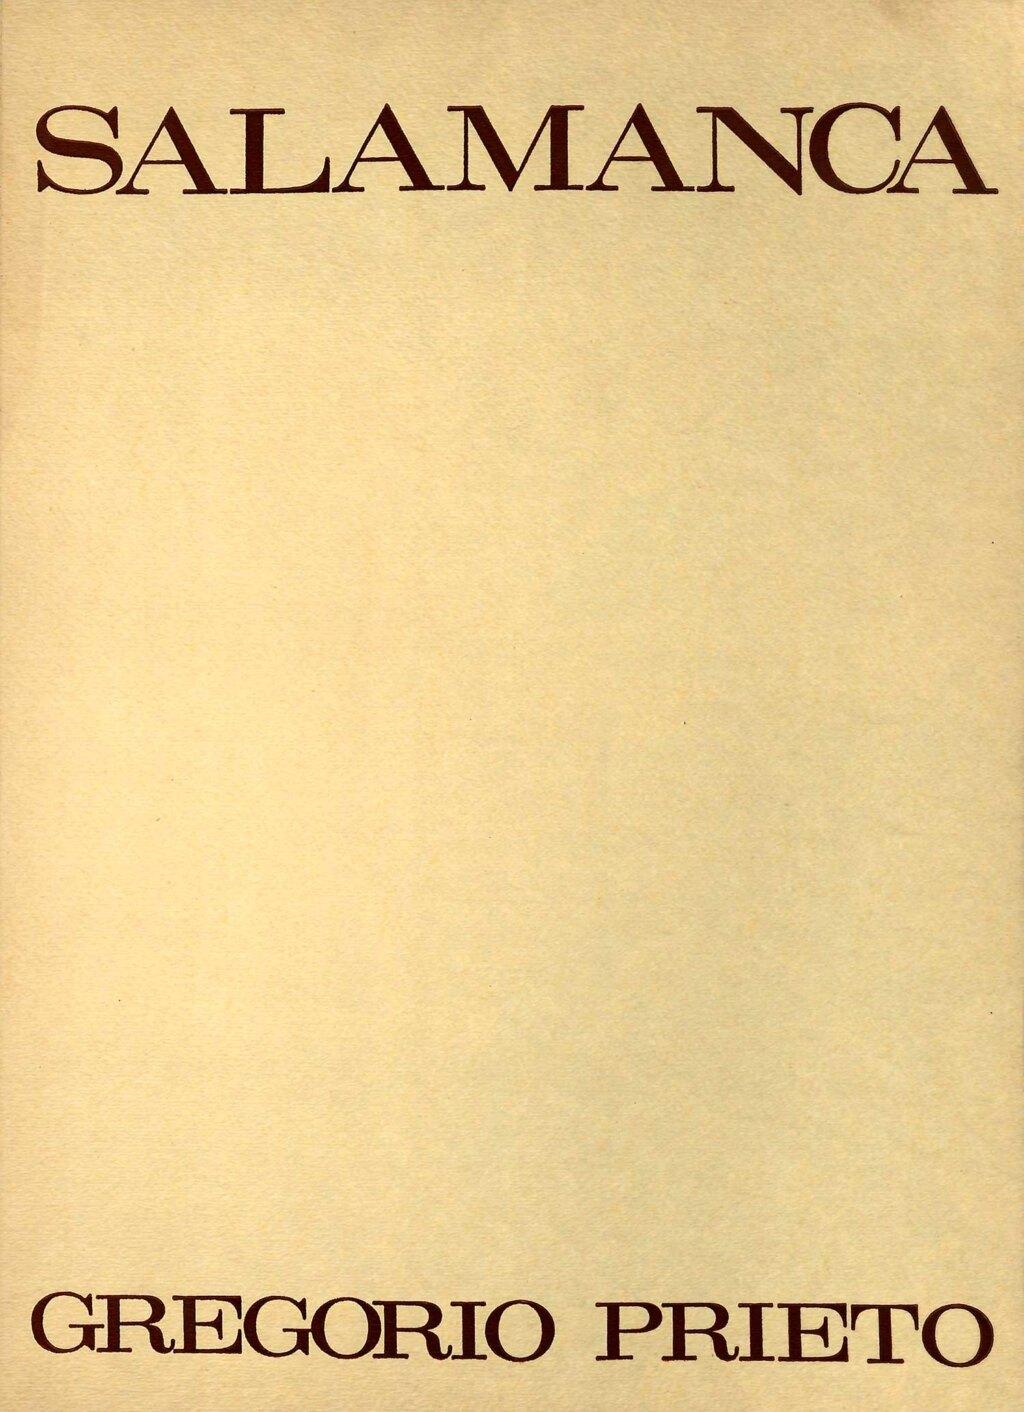 Portada del libro Salamanca dibujos de gregorio prieto